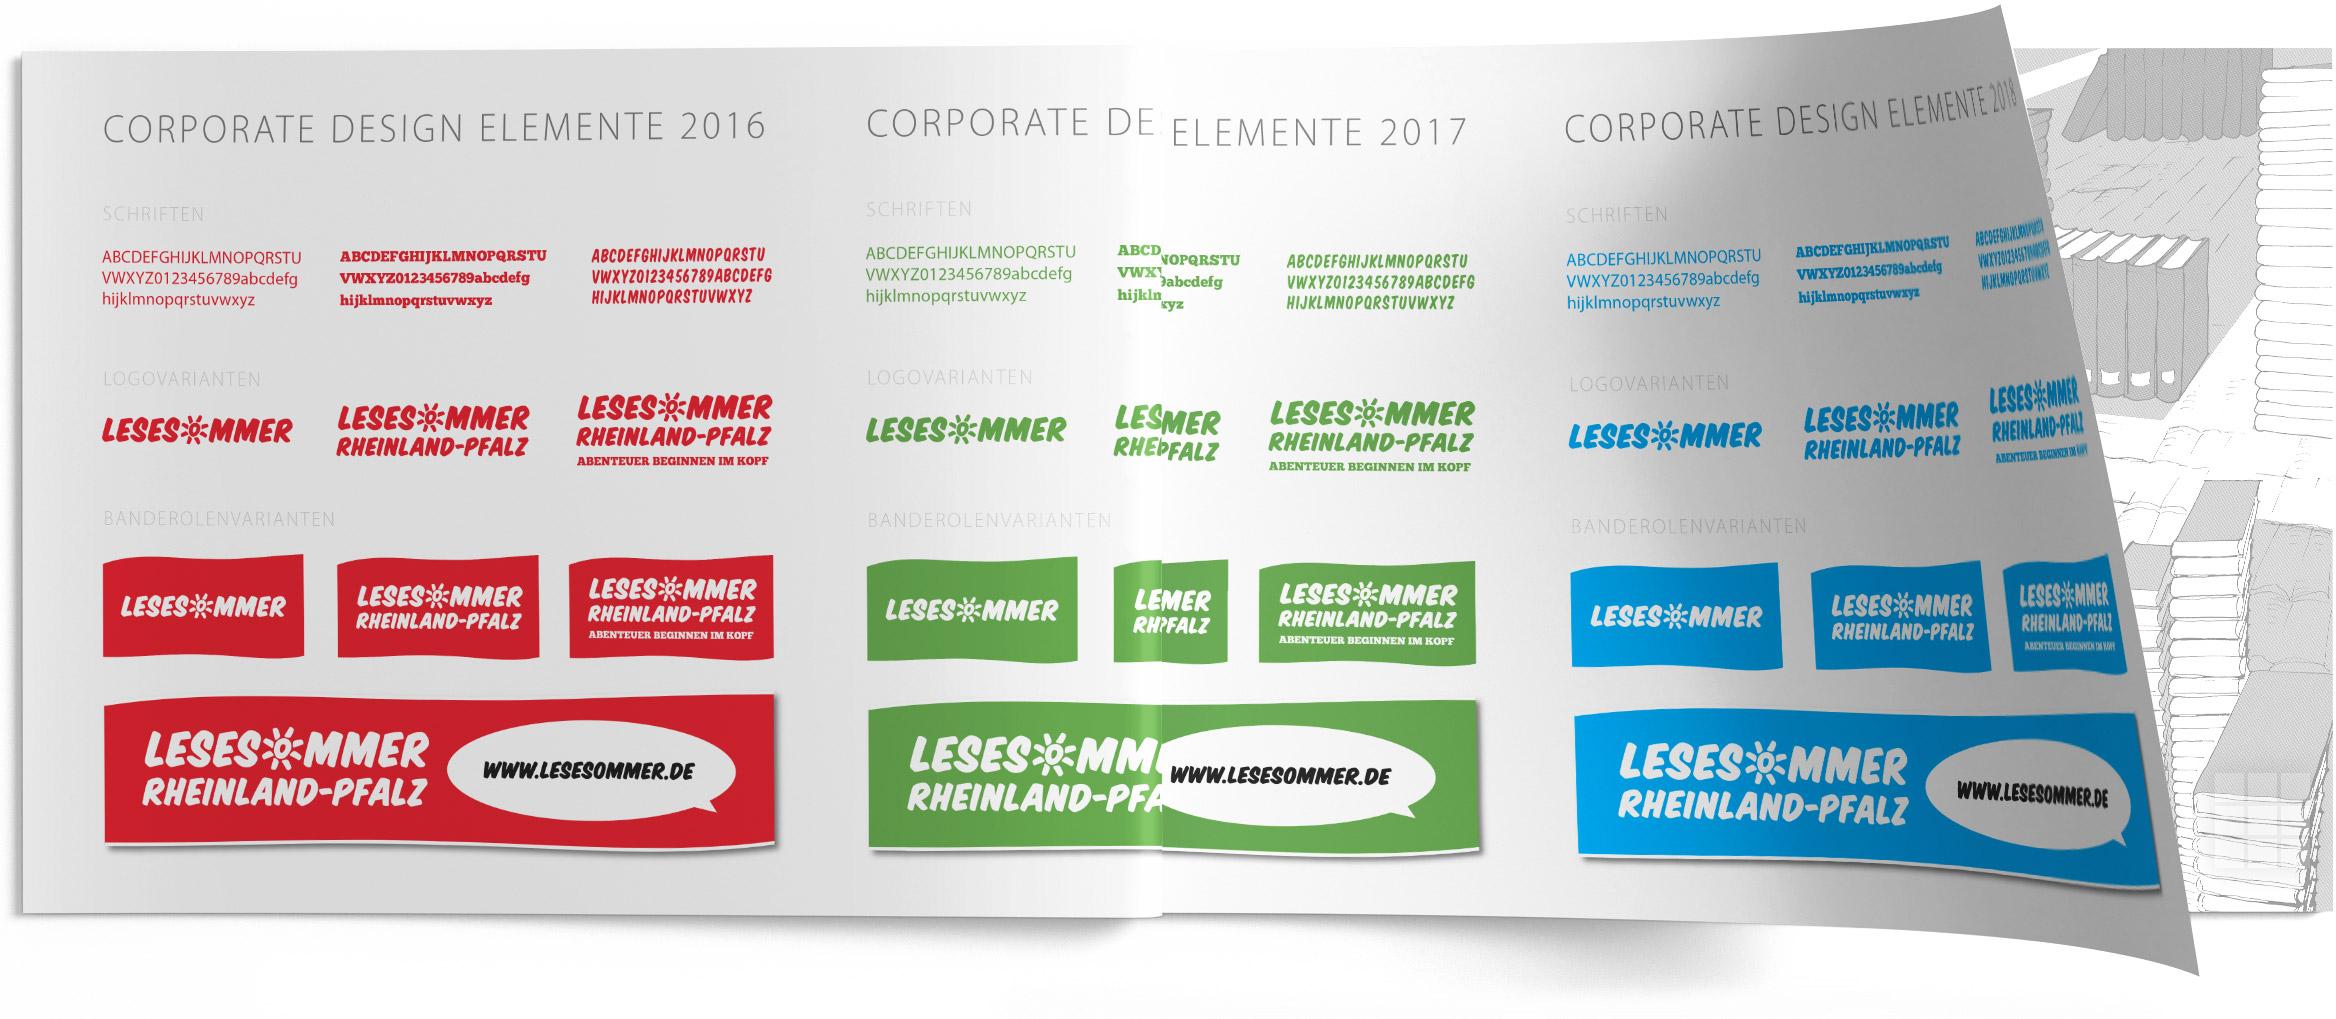 Corporate Design Elemente LESESOMMER Rheinland-Pfalz